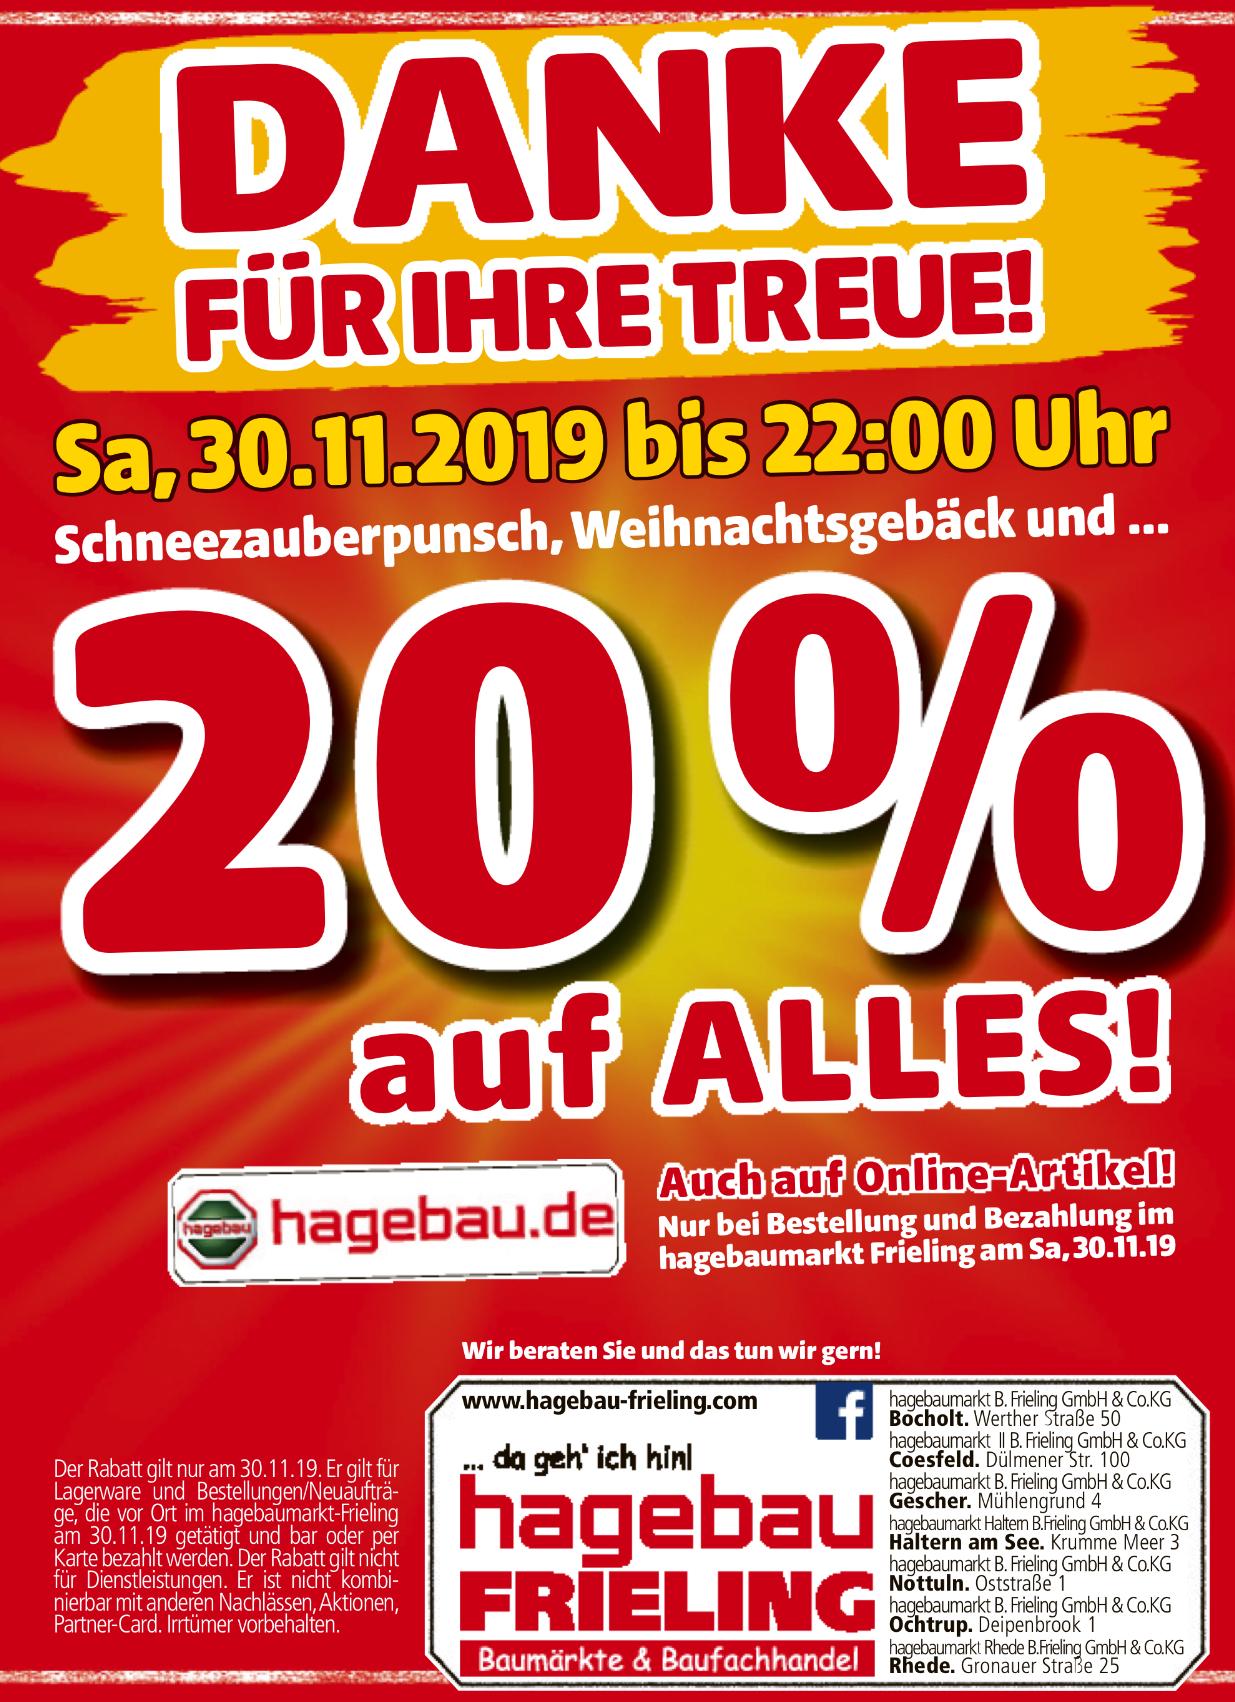 20 % auf alles online (bei Abholung) und offline, lokal Hagebaumarkt Frieling Gruppe Coesfeld, Bocholt usw.